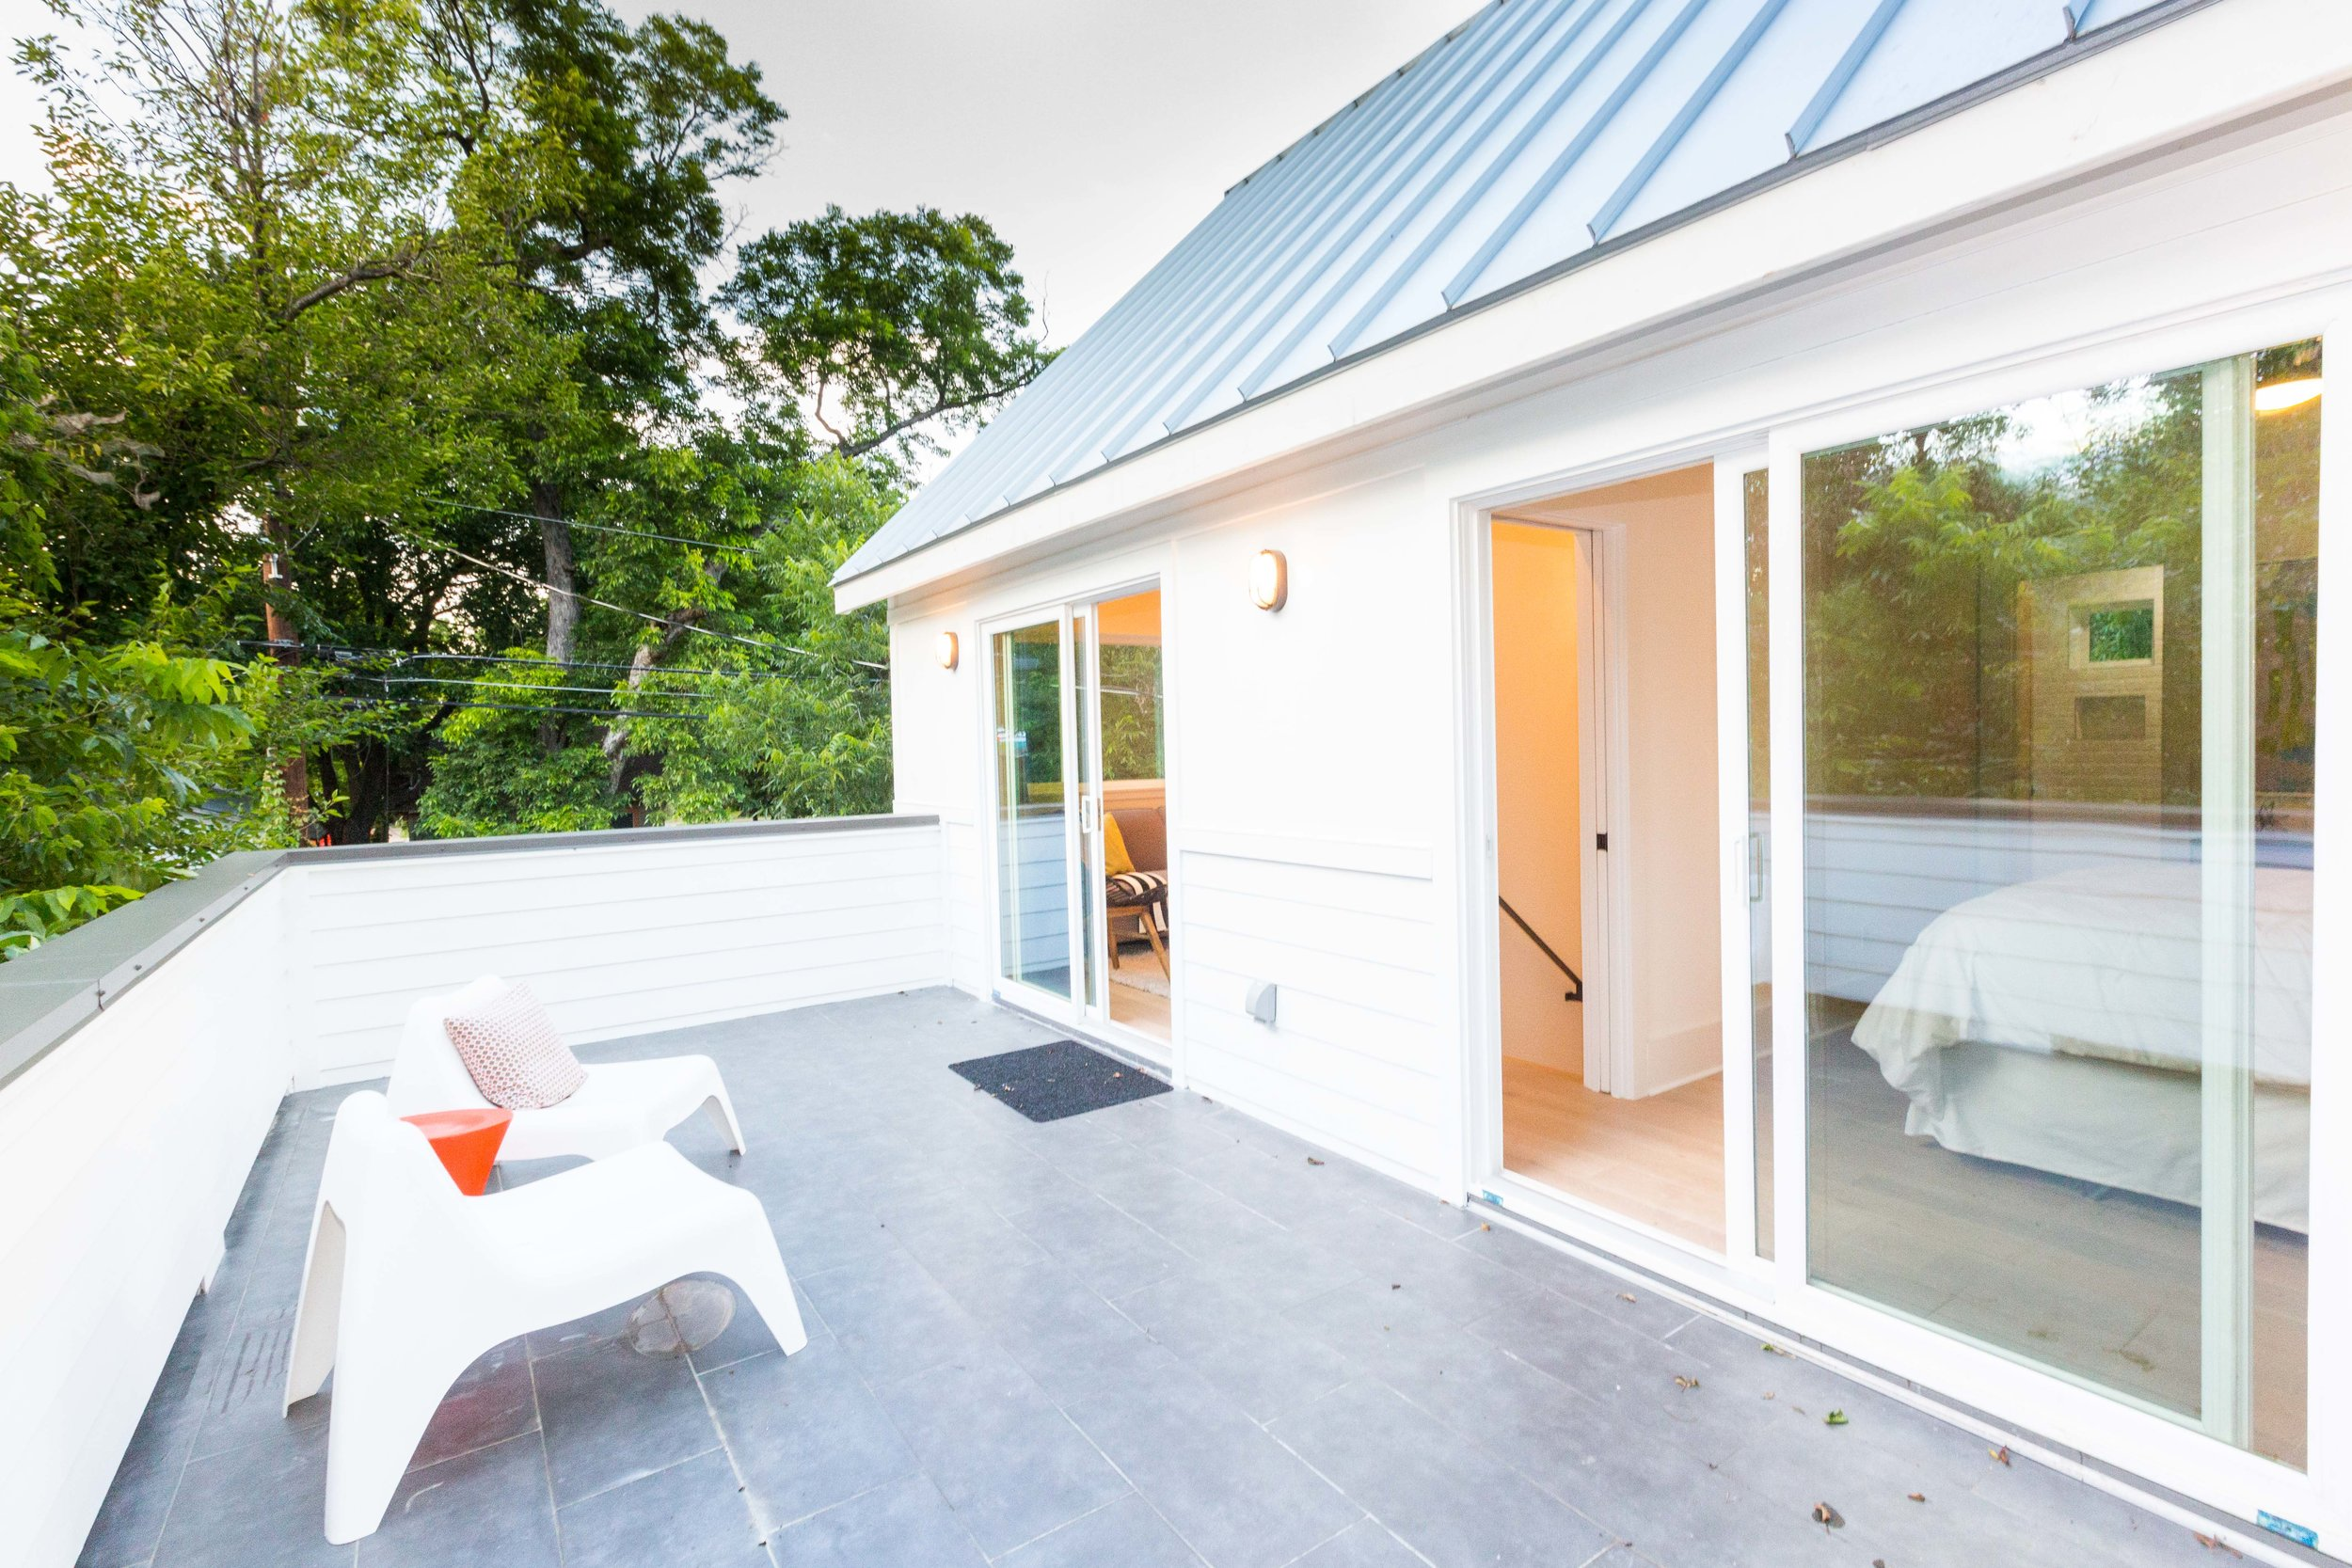 2504_WillowB_-_East_Austin_Alley_House_Modern_Cottage-9729[1].jpg